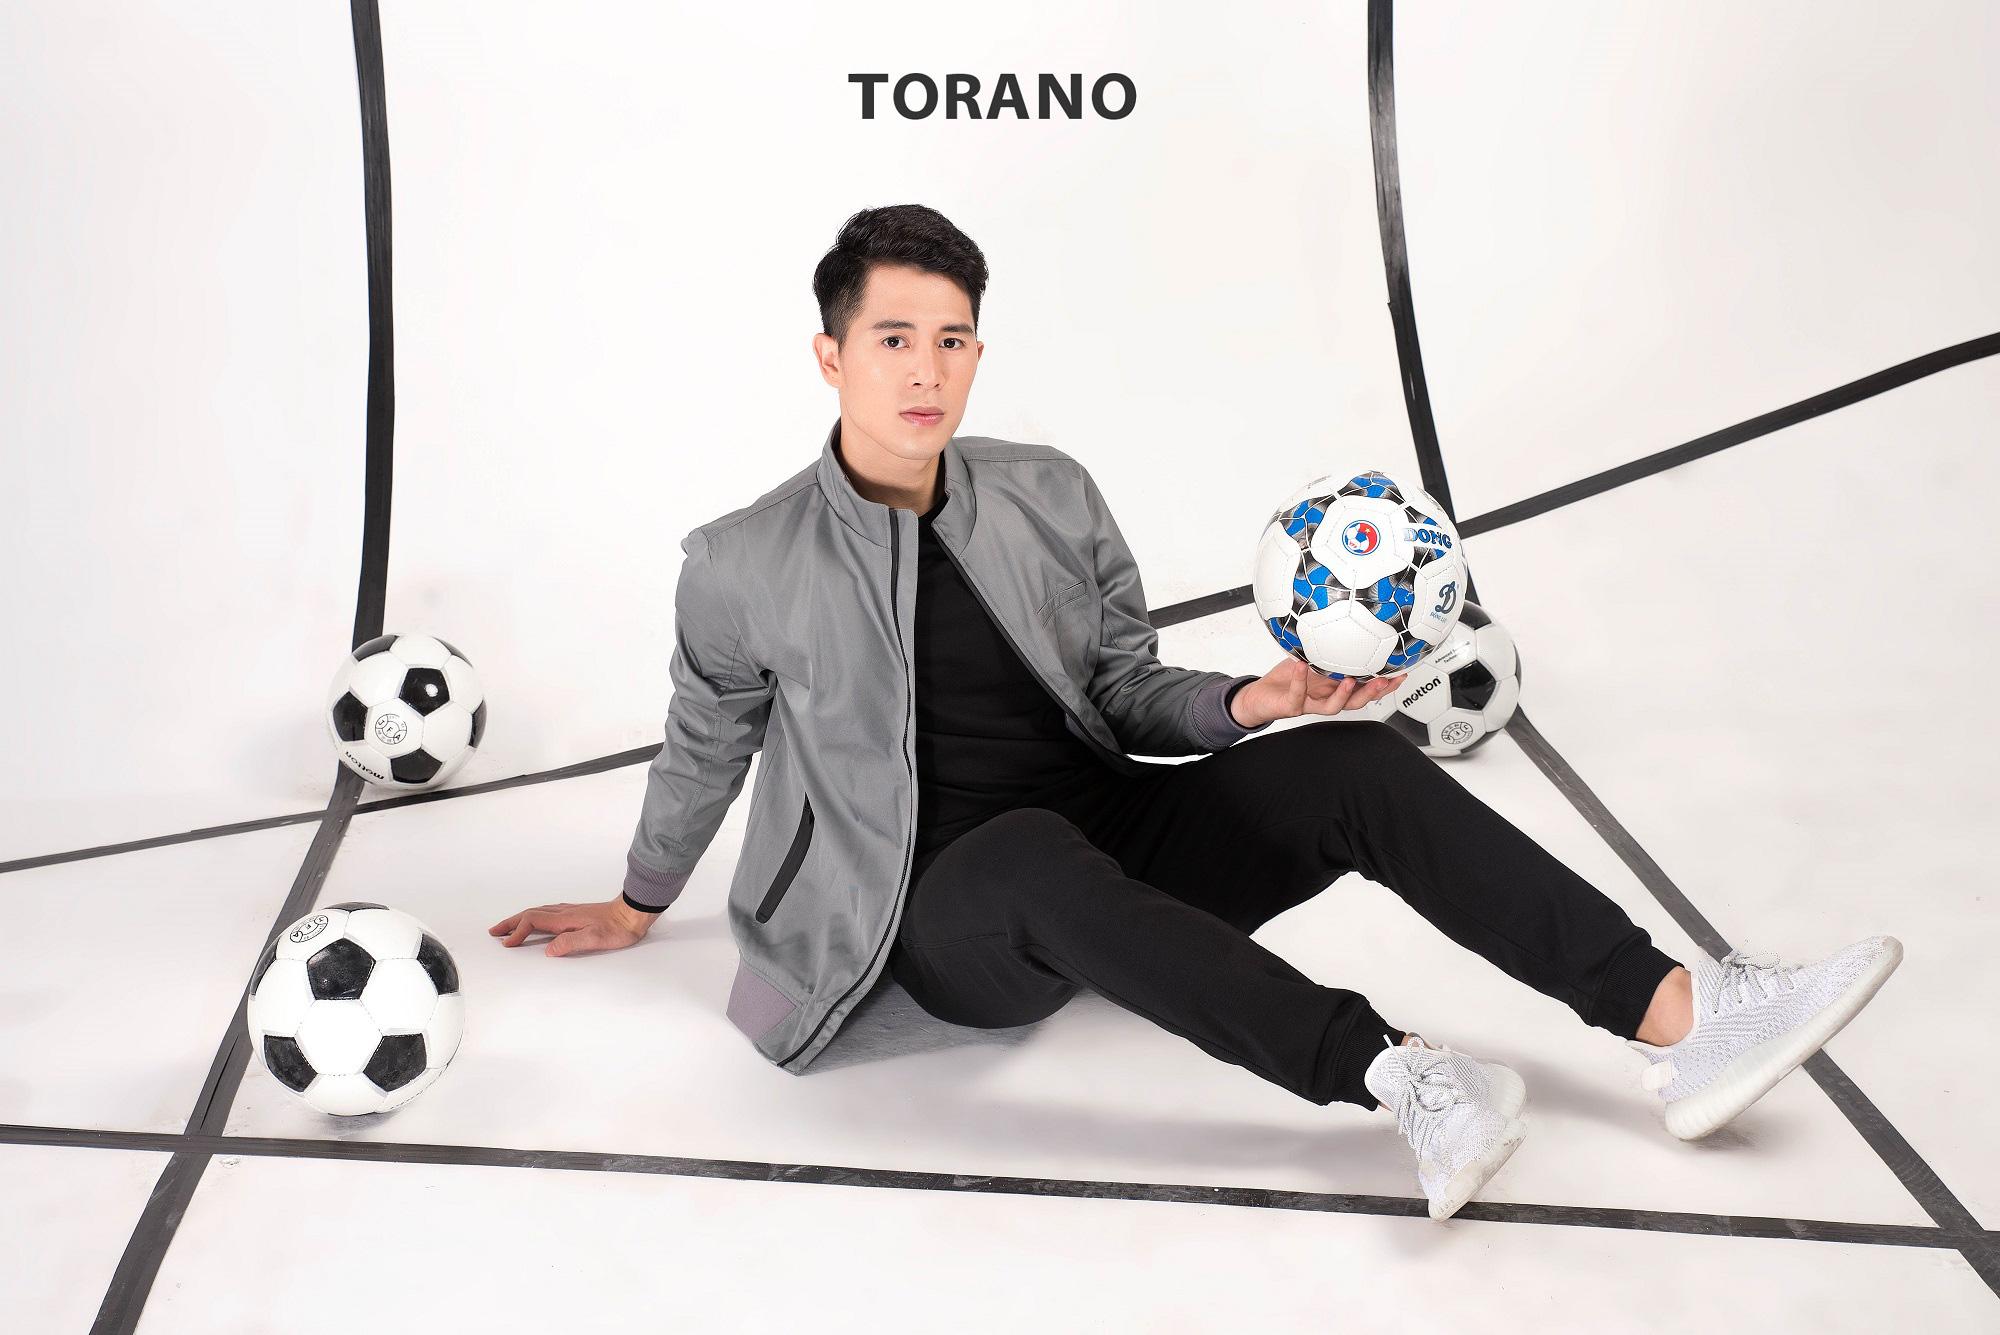 Đình Trọng bất ngờ khoe vẻ điển trai trong bộ sưu tập mới của Torano - Ảnh 1.